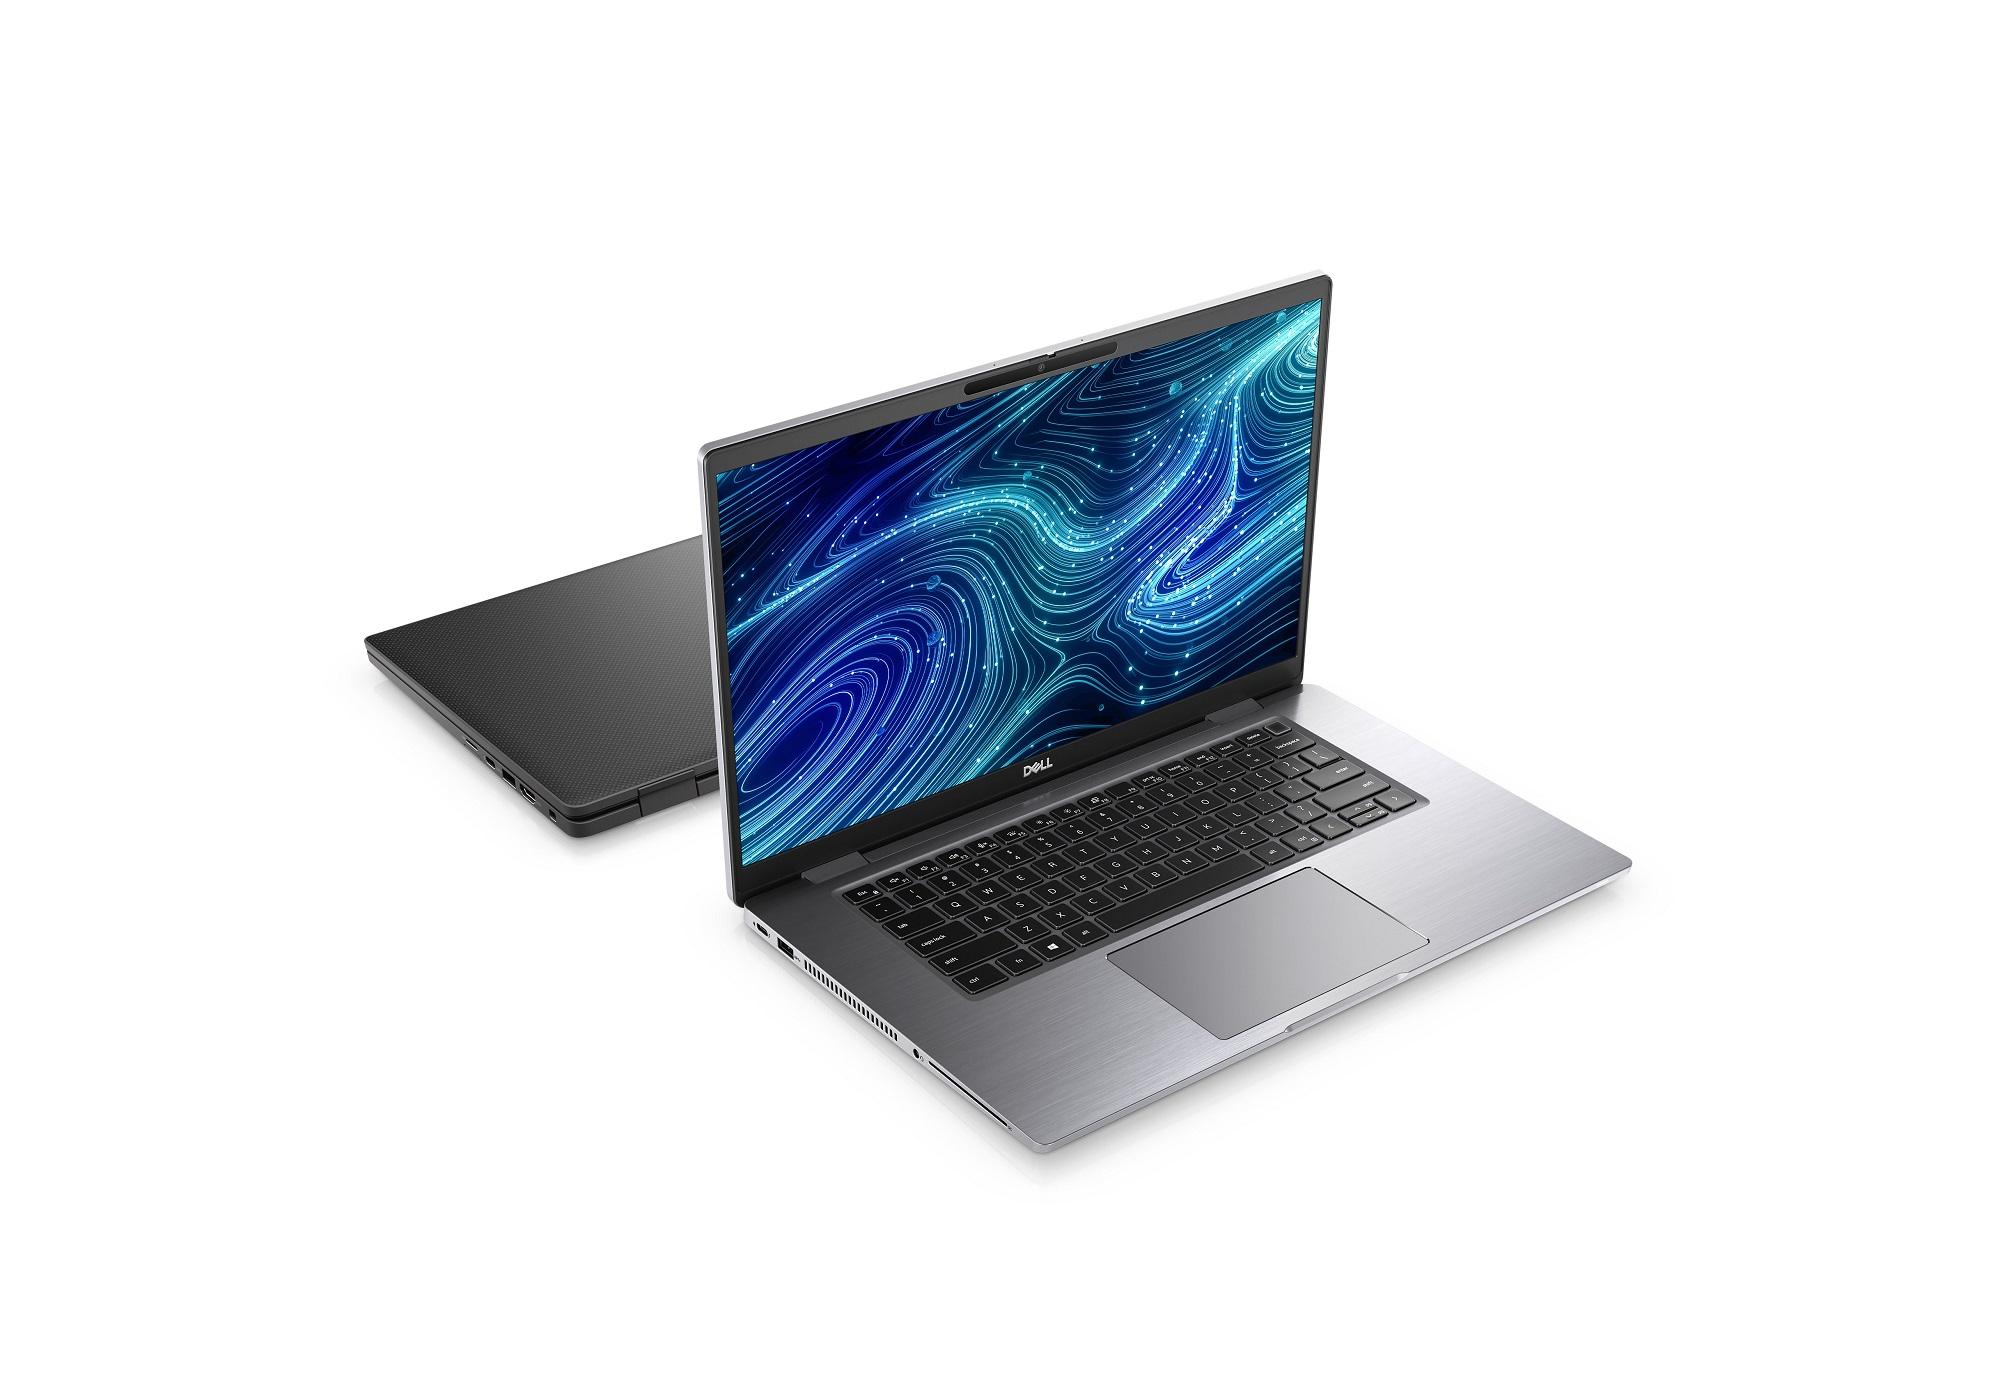 Dell Latitude 7520 i7-1165G7 Touch Win10